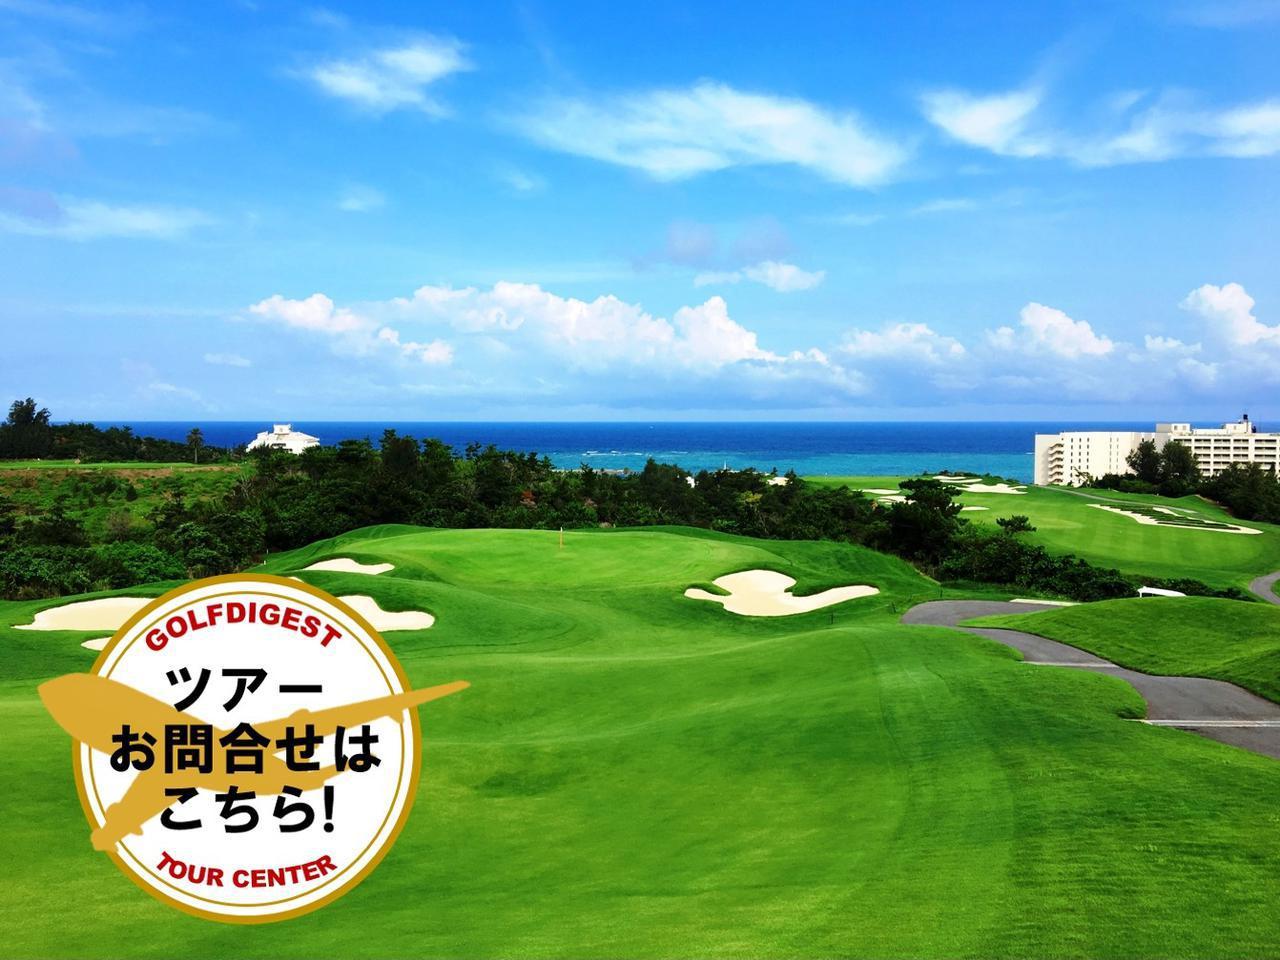 画像: 【沖縄・那覇】PGMゴルフリゾート沖縄でツーサム、宿泊は人気のザ・ナハテラス 2日間 1プレー - ゴルフへ行こうWEB by ゴルフダイジェスト